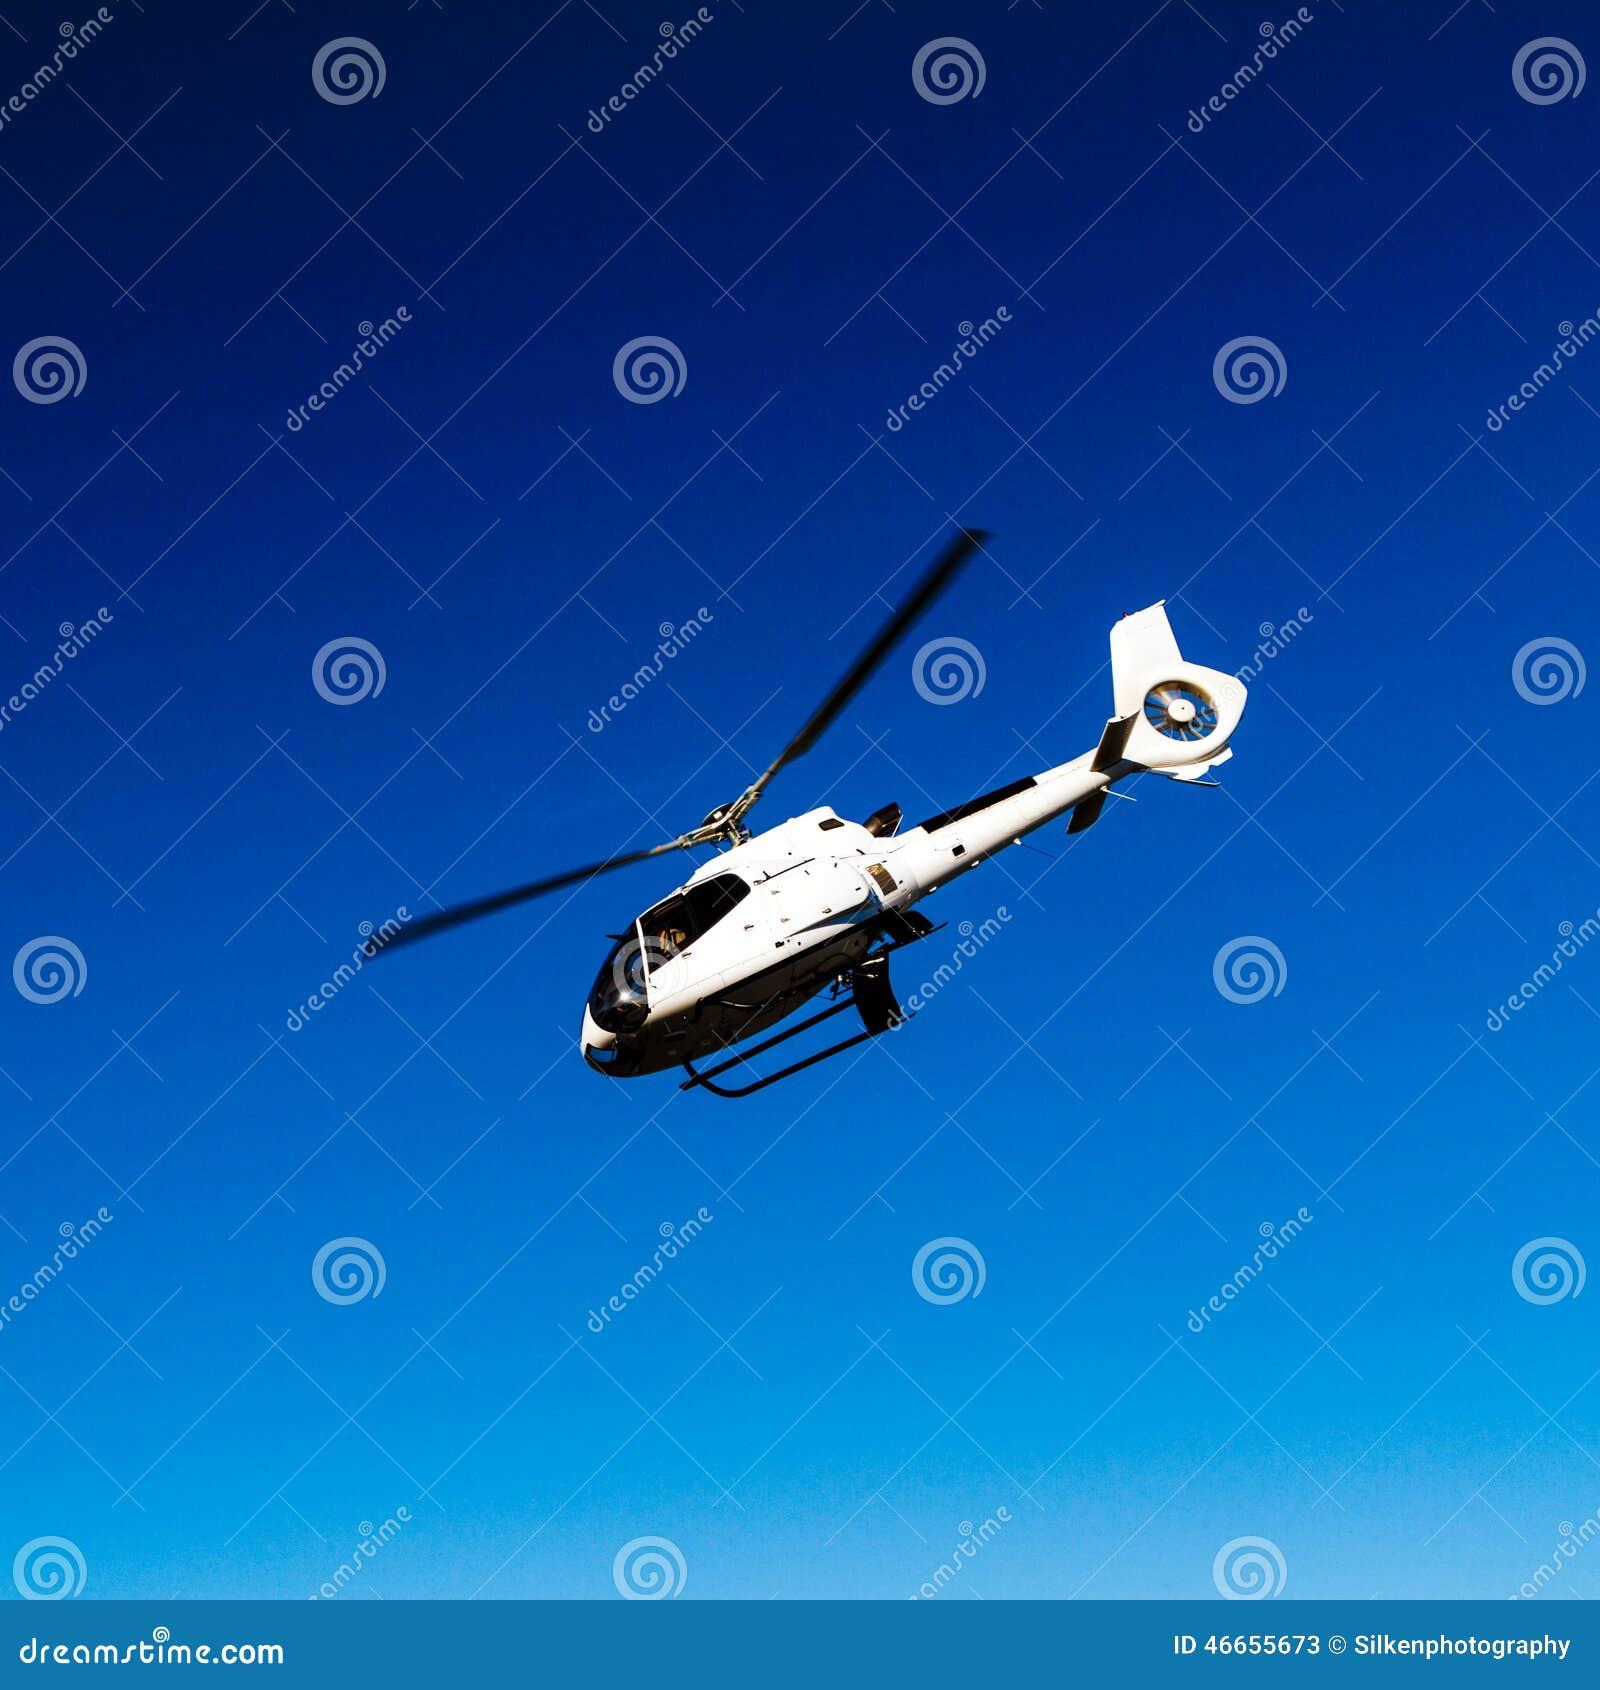 Elicottero Bianco E Blu : Elicottero bianco in cielo blu immagine stock